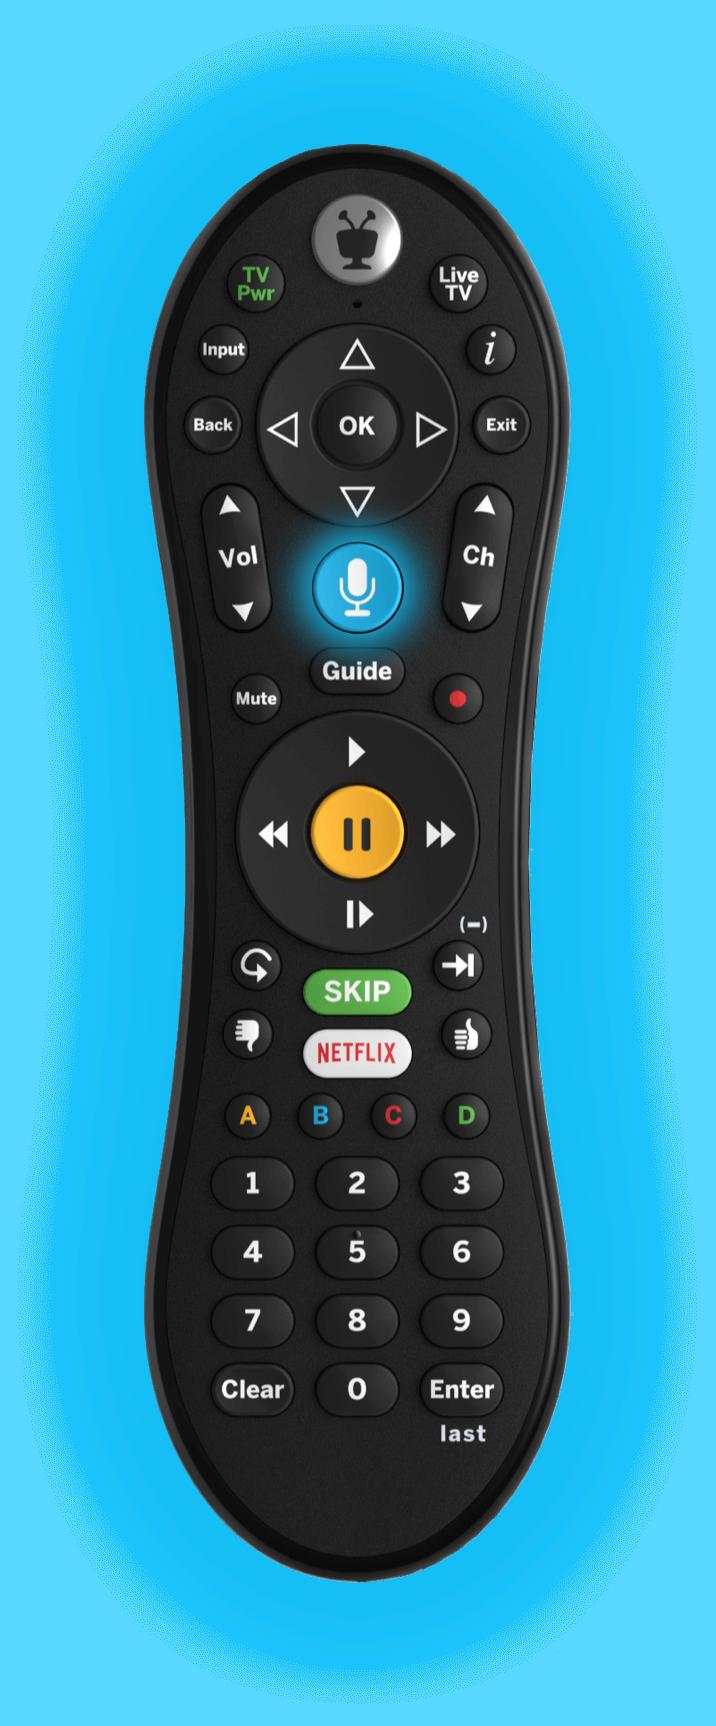 voice control rh explore tivo com Direct TV TiVo Remote Control Direct TV TiVo Remote Control